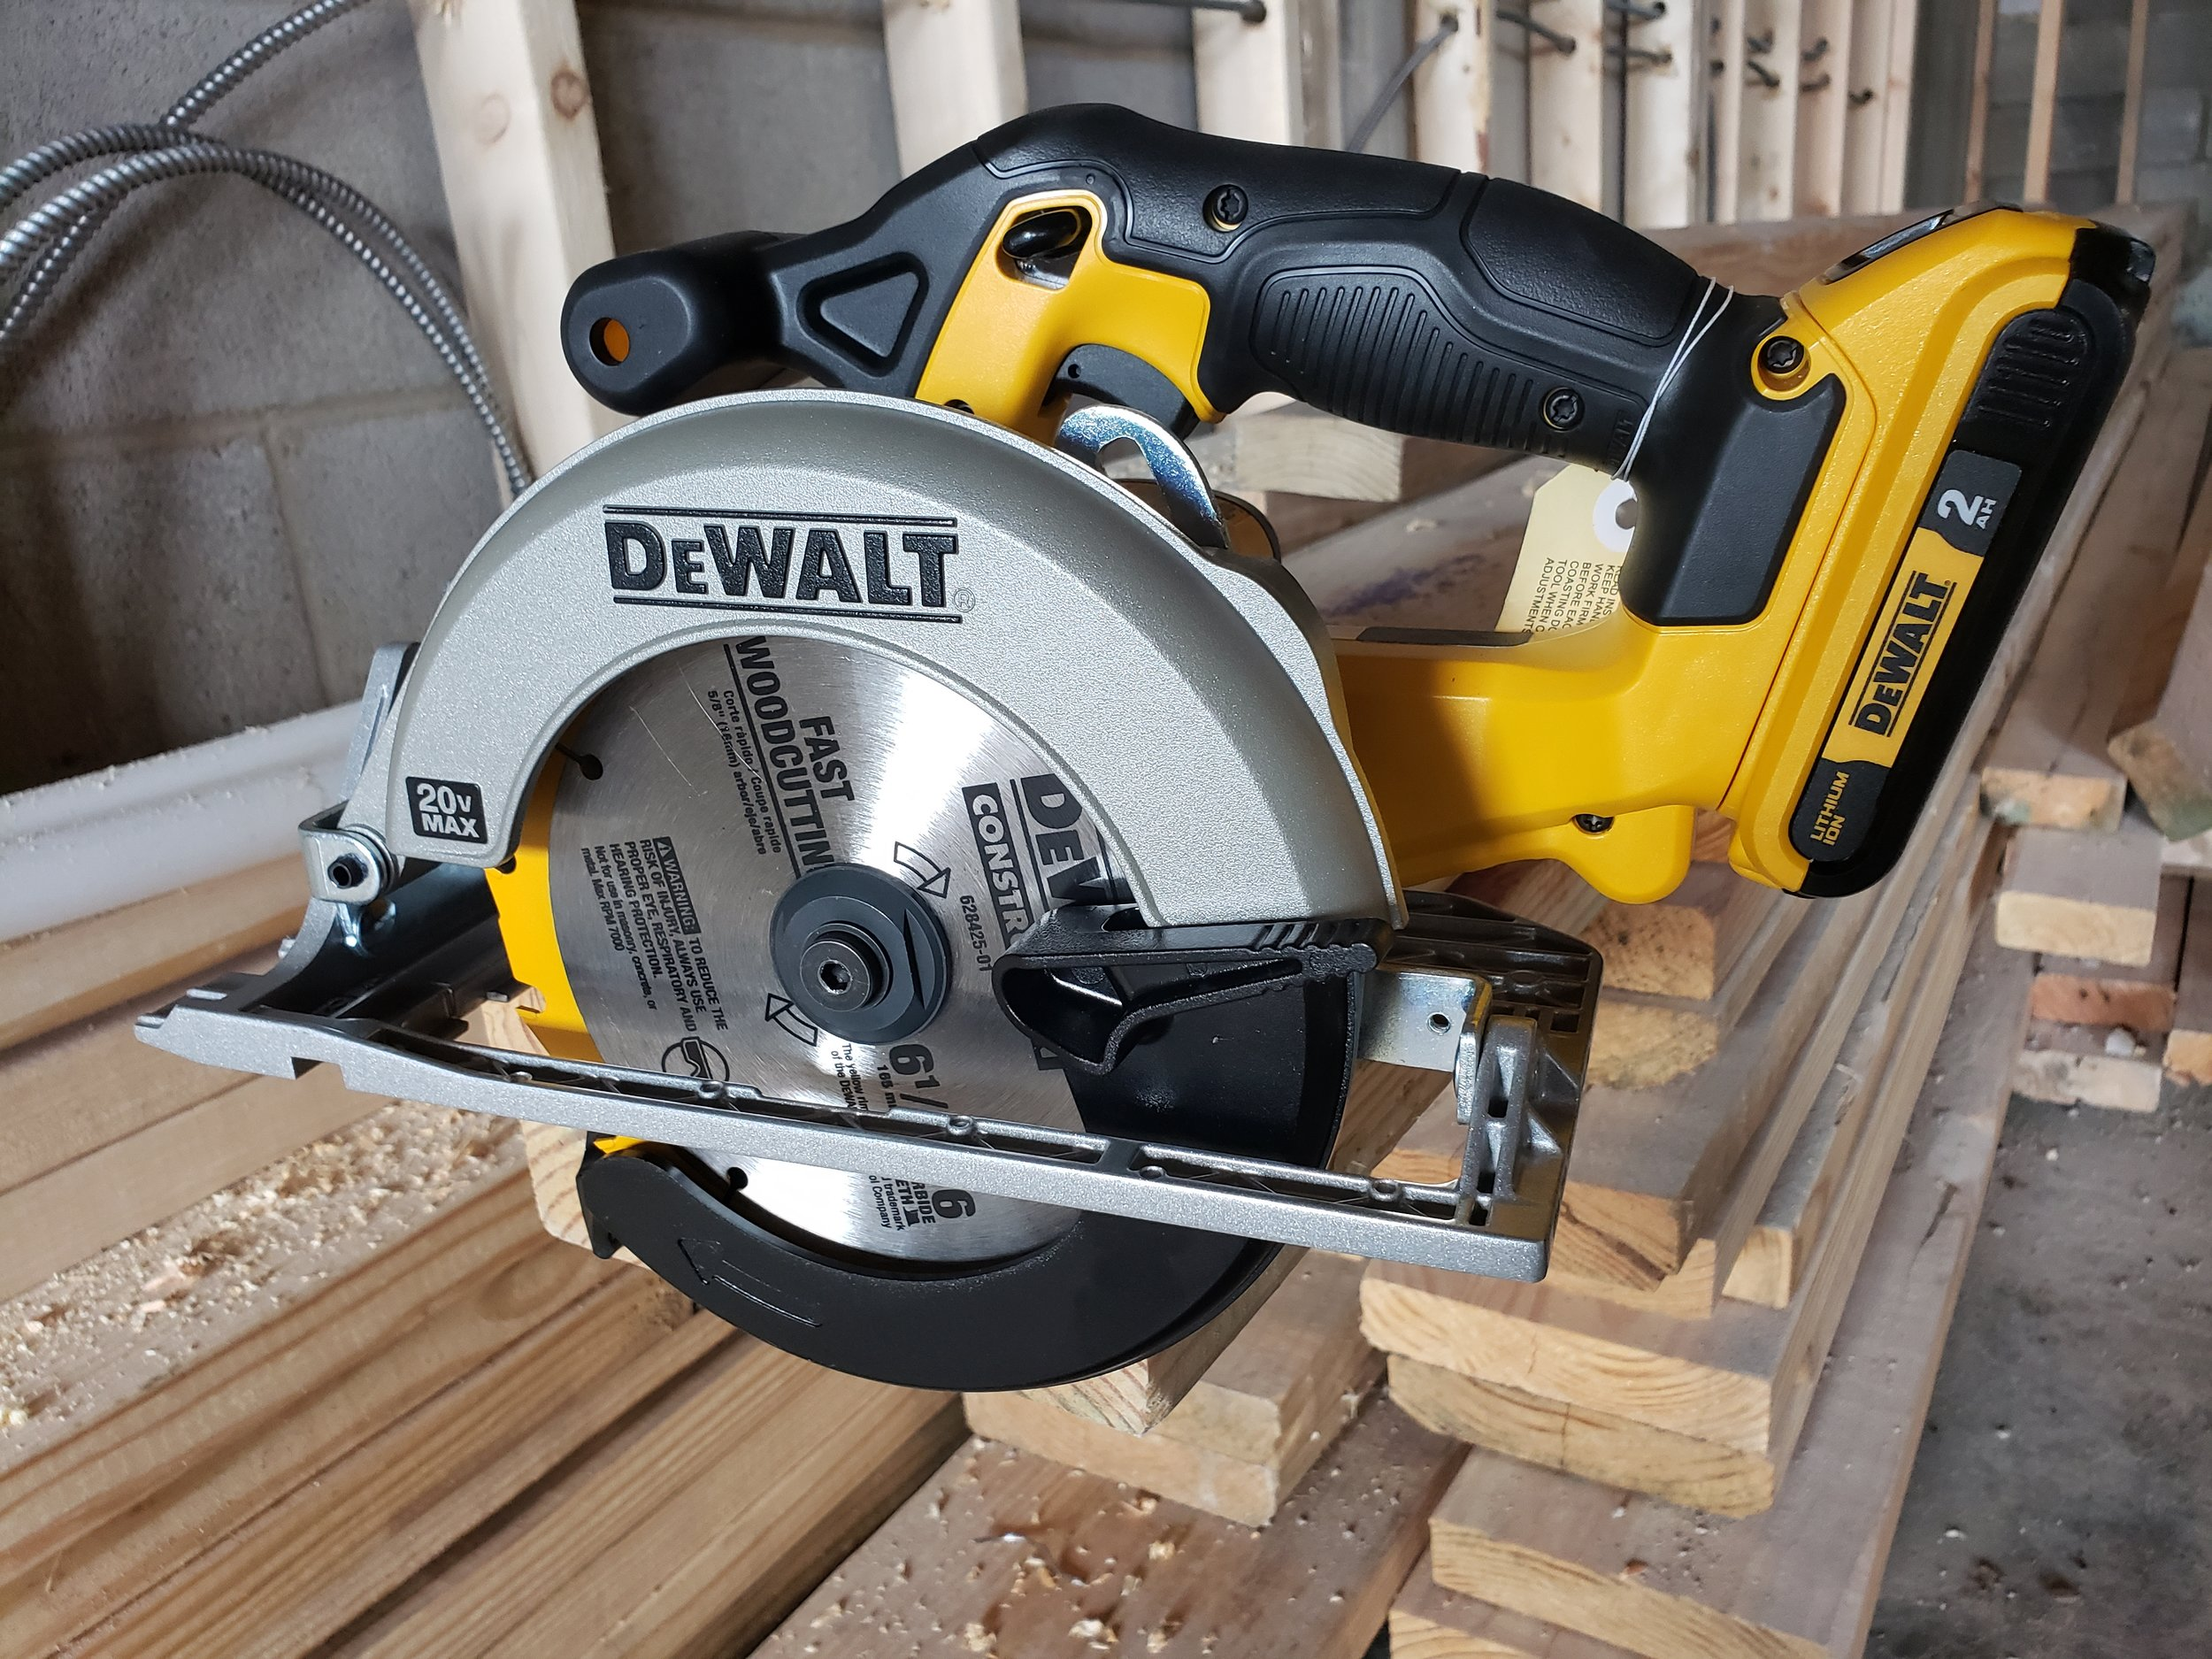 dewalt-circular-saw